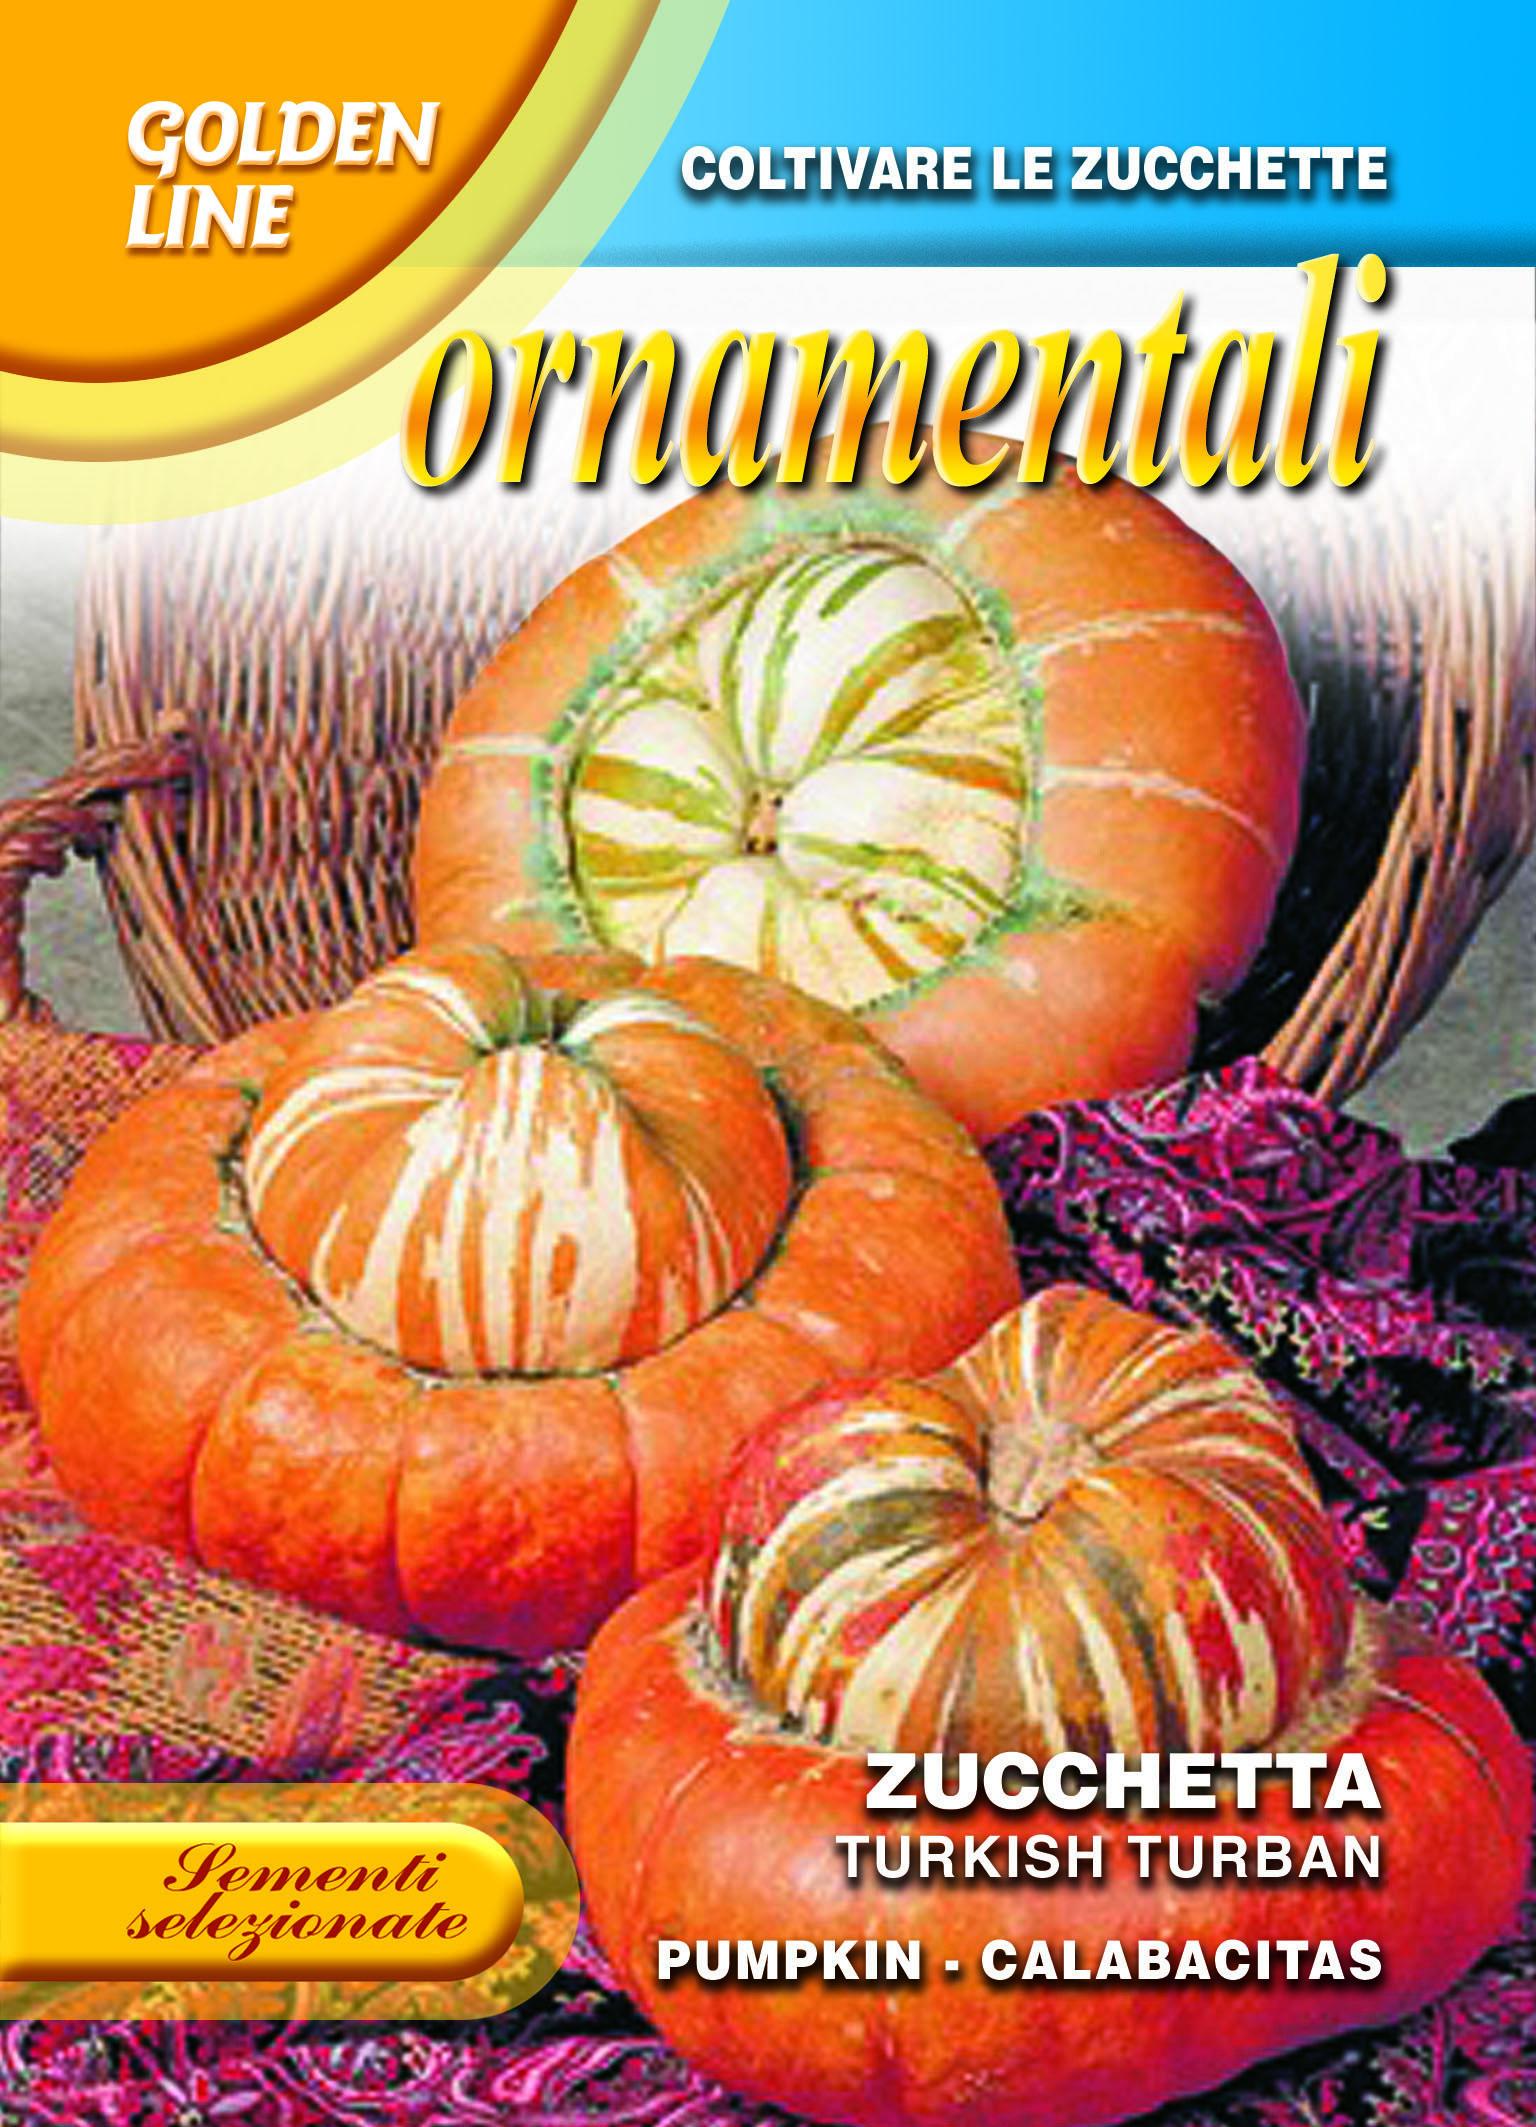 Turks turban pumpkin